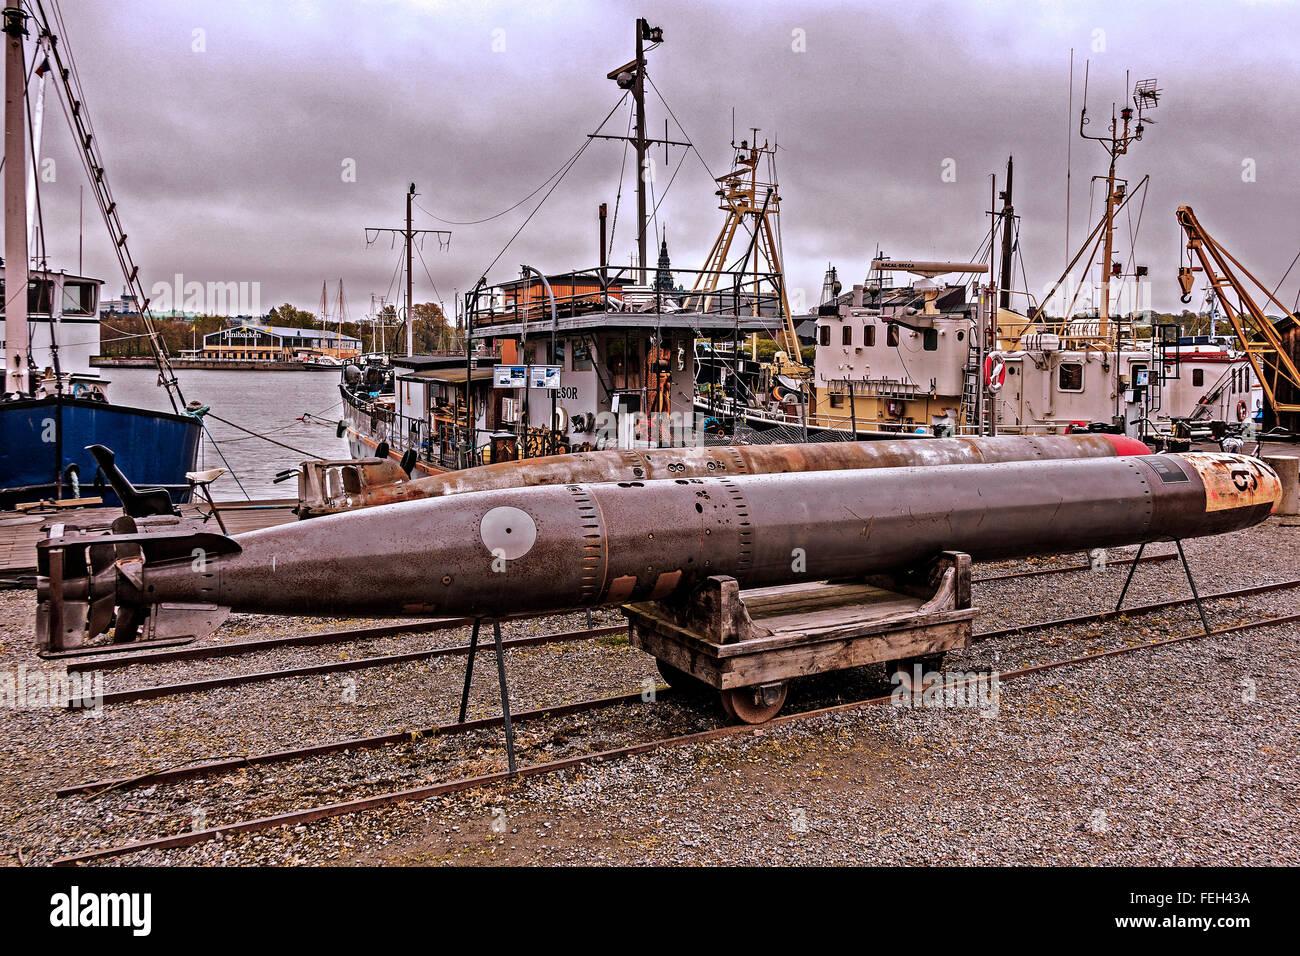 Torpedoes On The Dockside Stockholm Sweden - Stock Image